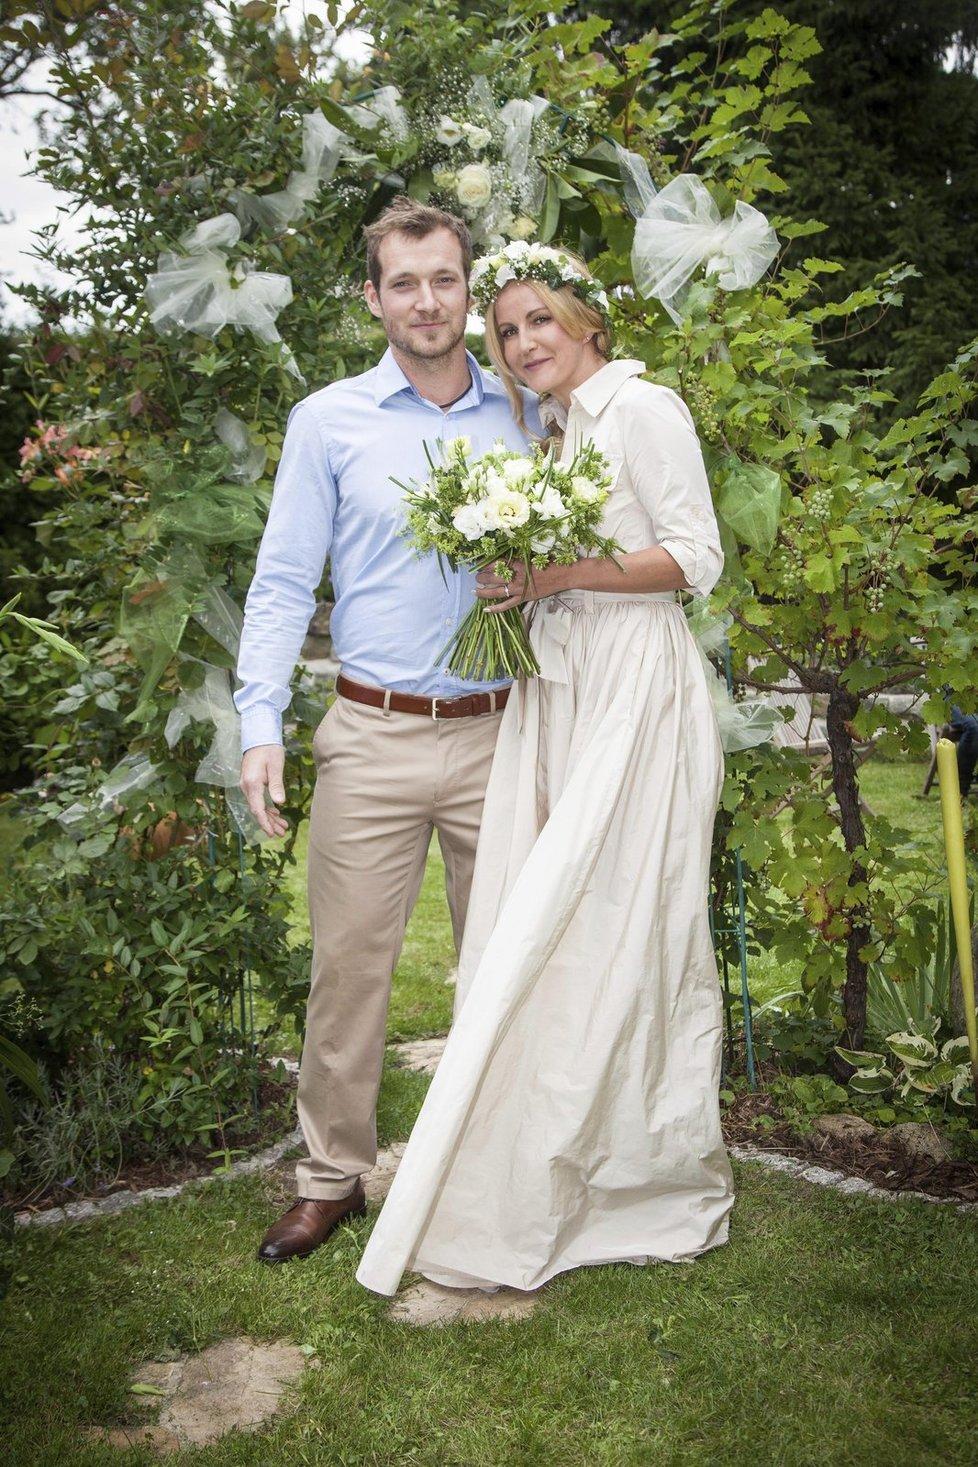 Vendula Svobodová (44) se 2. září potřetí vdala. Jejím vyvoleným se stal Josef Pizinger (28) a svatba proběhla na zahradě Vendulina domu v Říčanech. V tomto případě tedy šestnáctiletý rozdíl nebyl překážkou a stačí už jen popřát, aby to dvojici stejně klapalo i v budoucnosti!